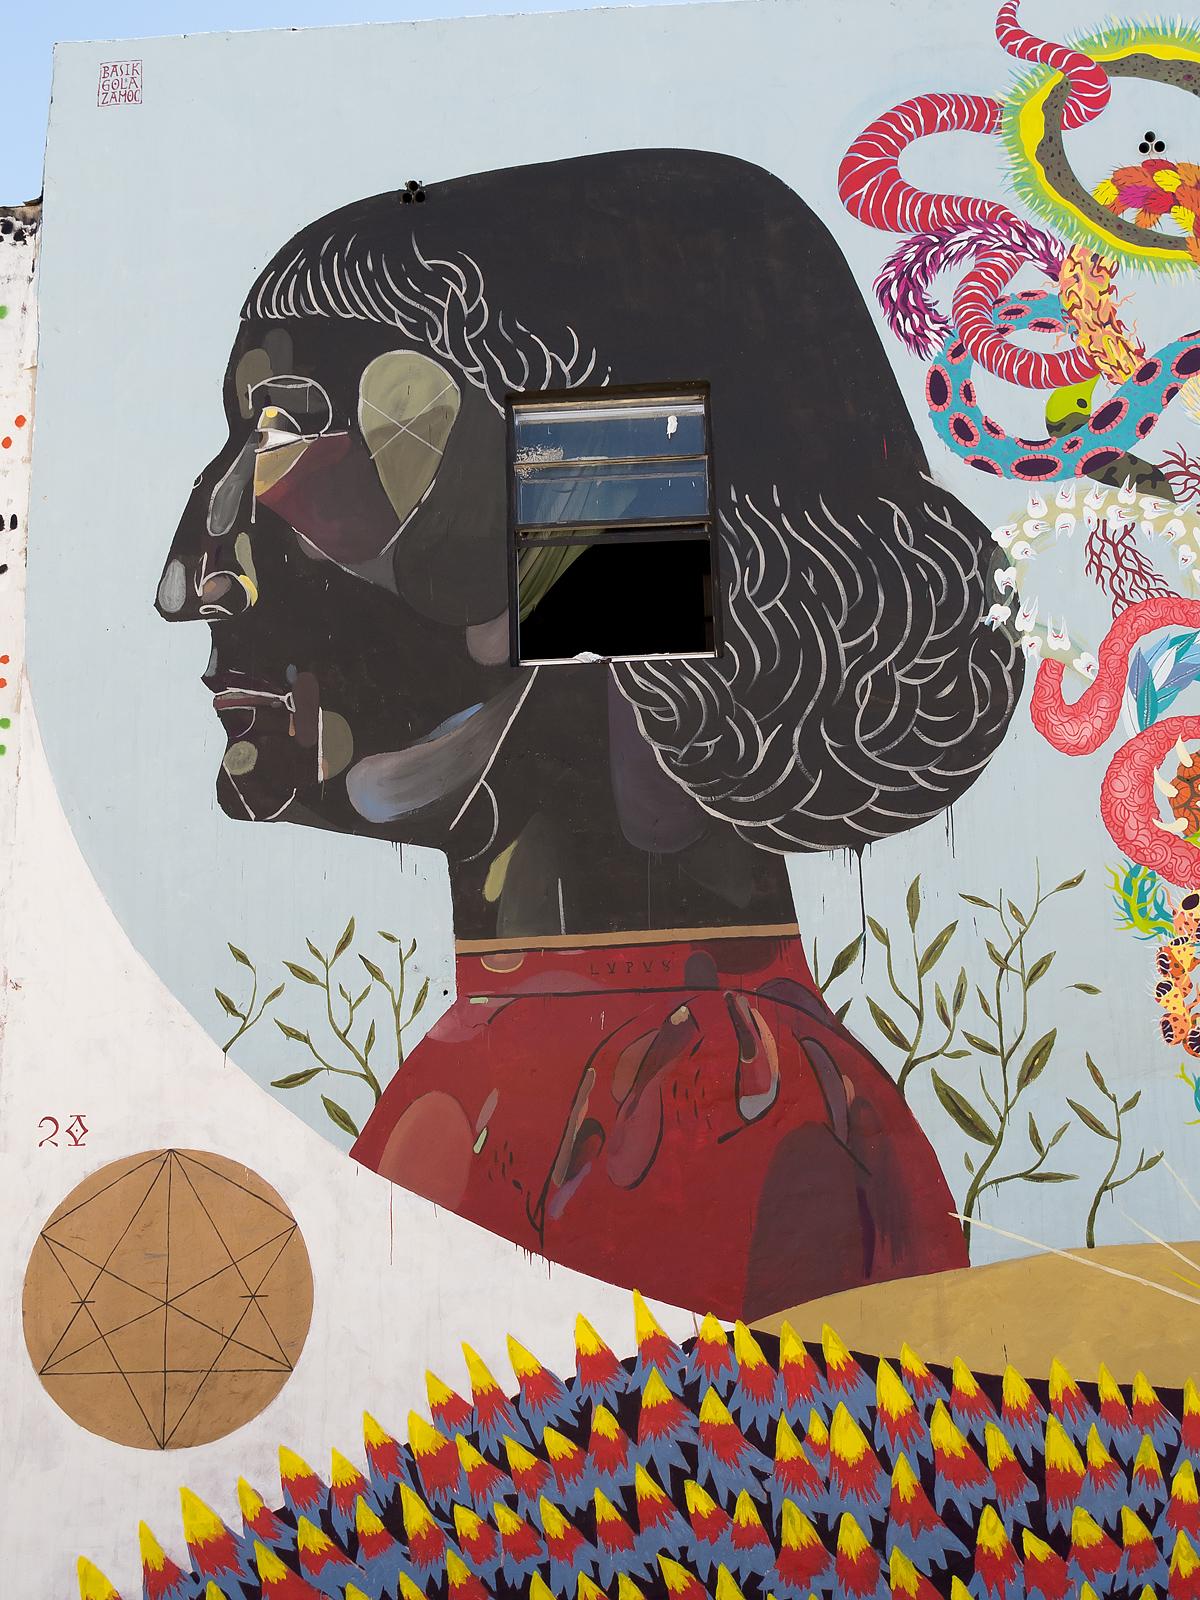 basik-gola-hundun-zamoc-at-art-basel-2014-02